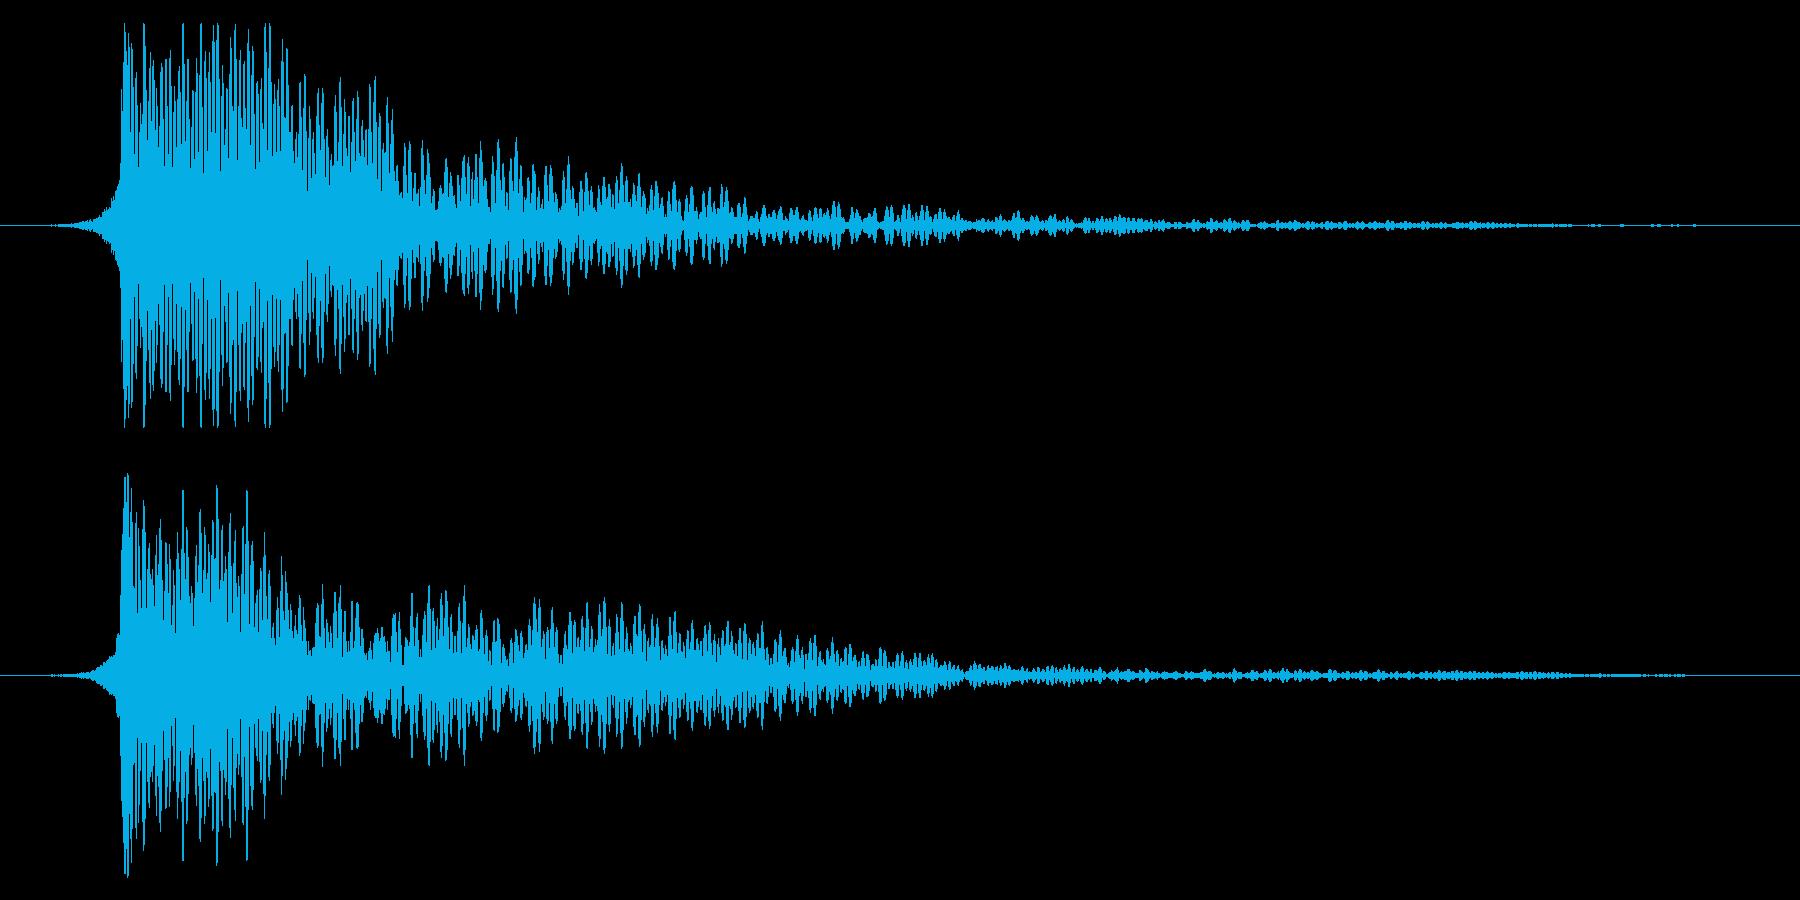 ホラー系アタック音124の再生済みの波形